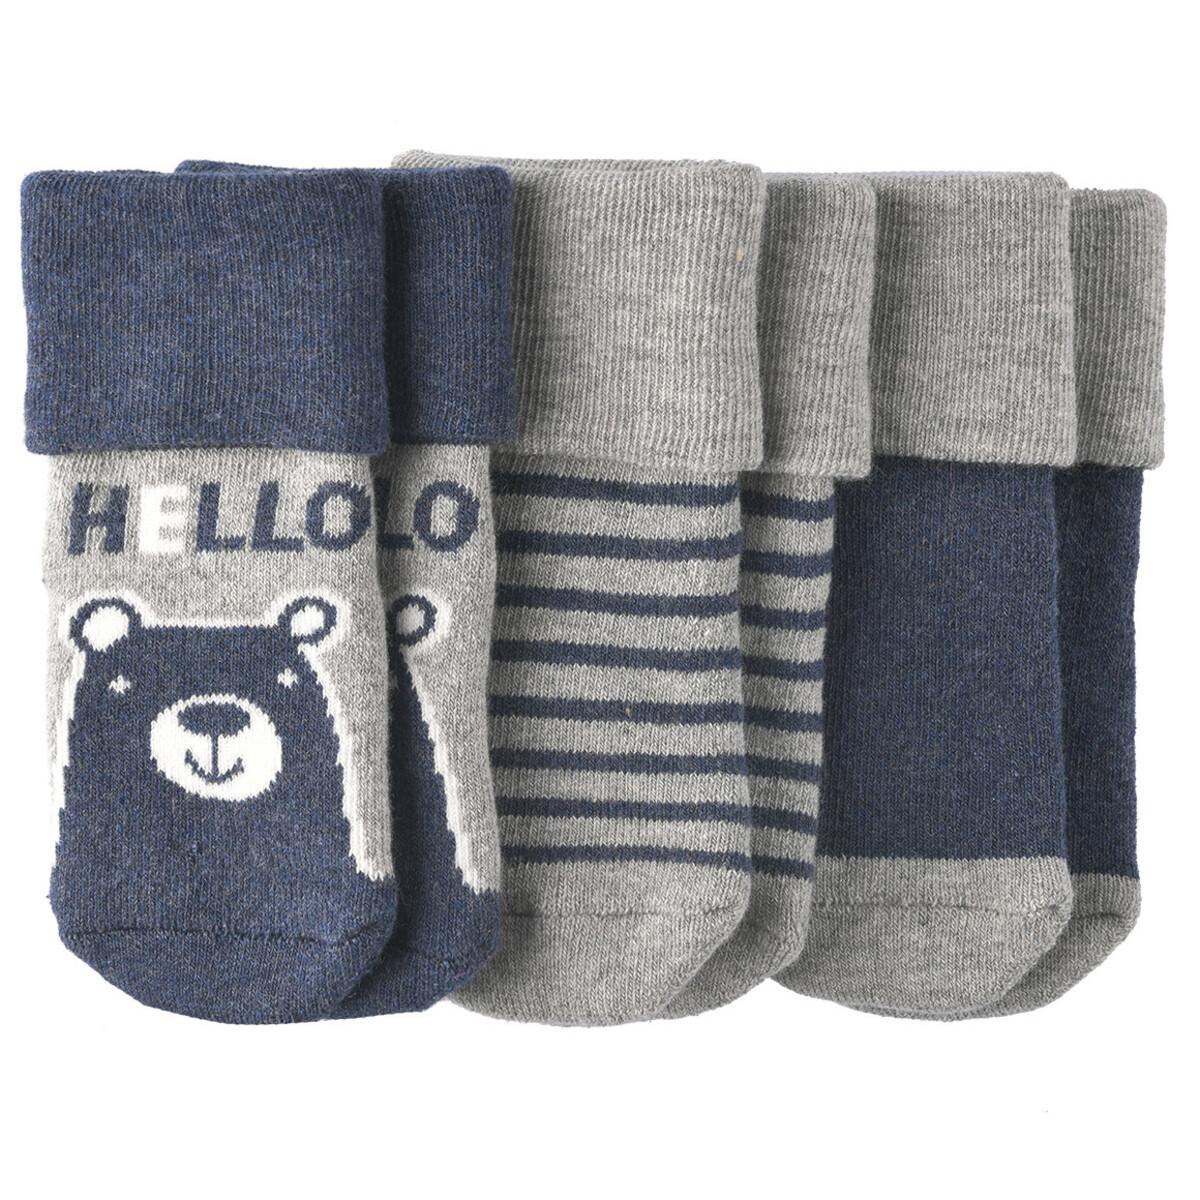 Bild 1 von 3 Paar Newborn Socken im Set